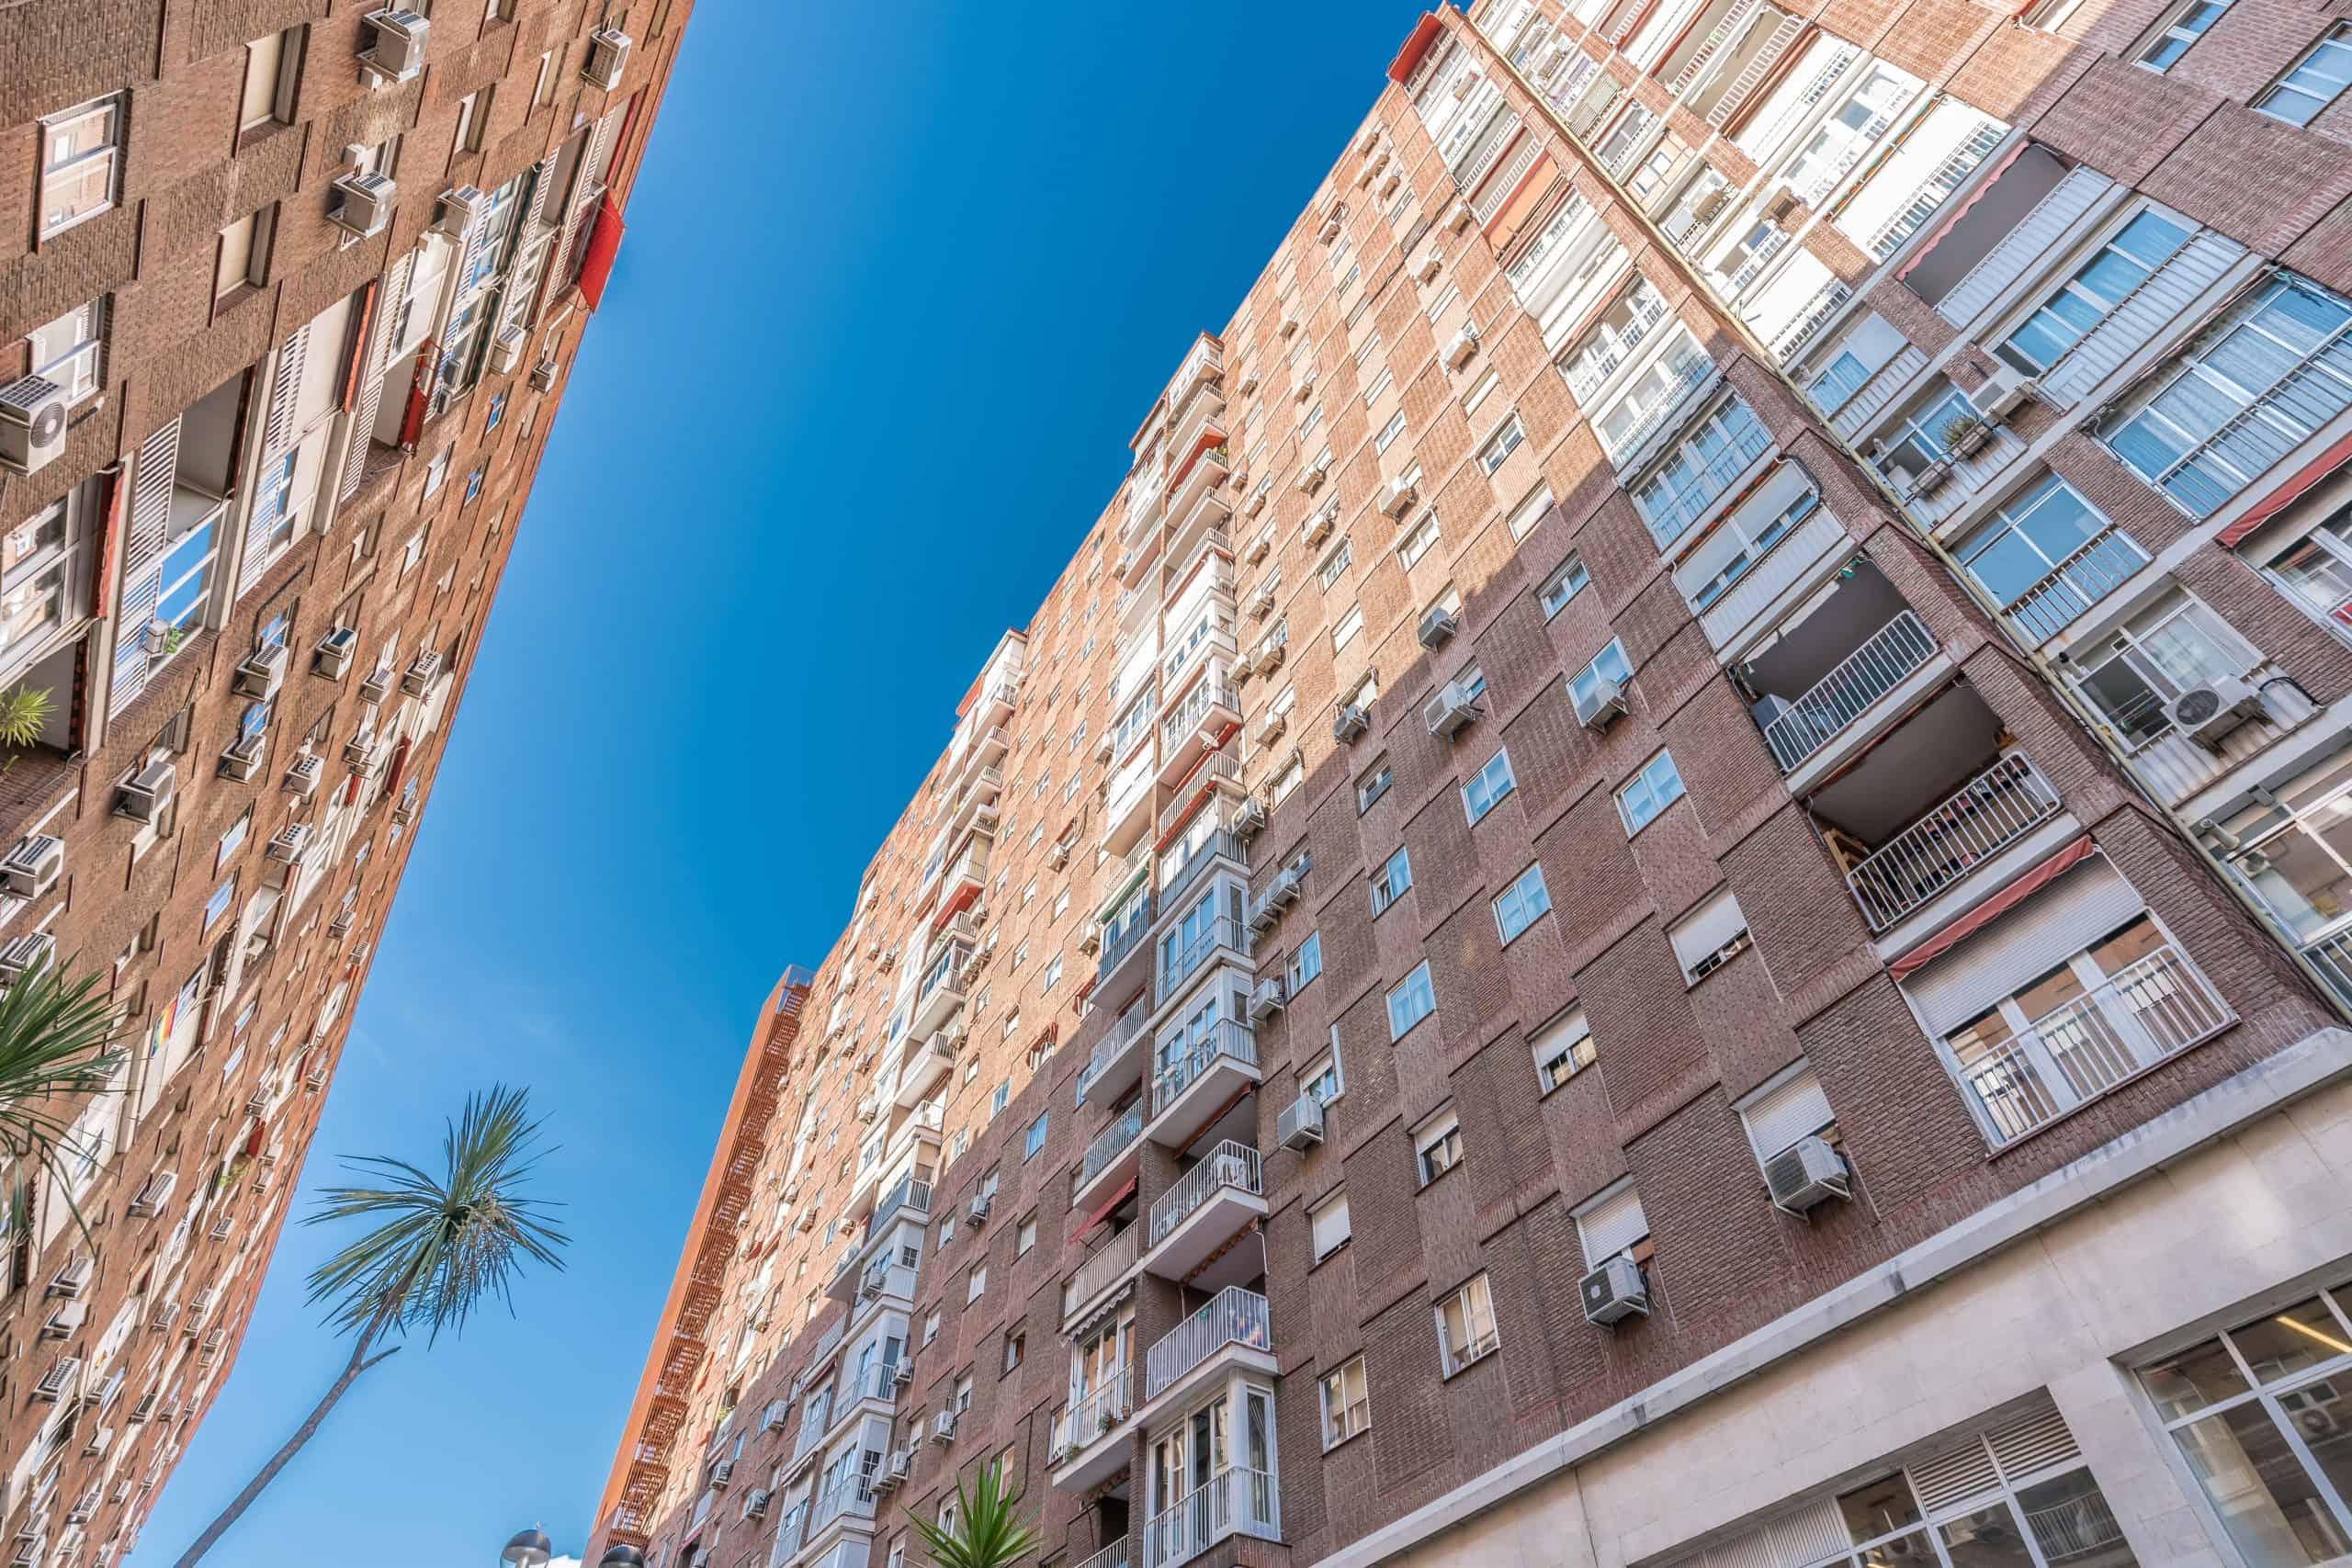 Agencia Inmobiliaria de Madrid-FUTUROCASA-Zona ARGANZUELA-EMBAJADORES-LEGAZPI -calle Santa María de la Cabeza-0FACHADA (1)